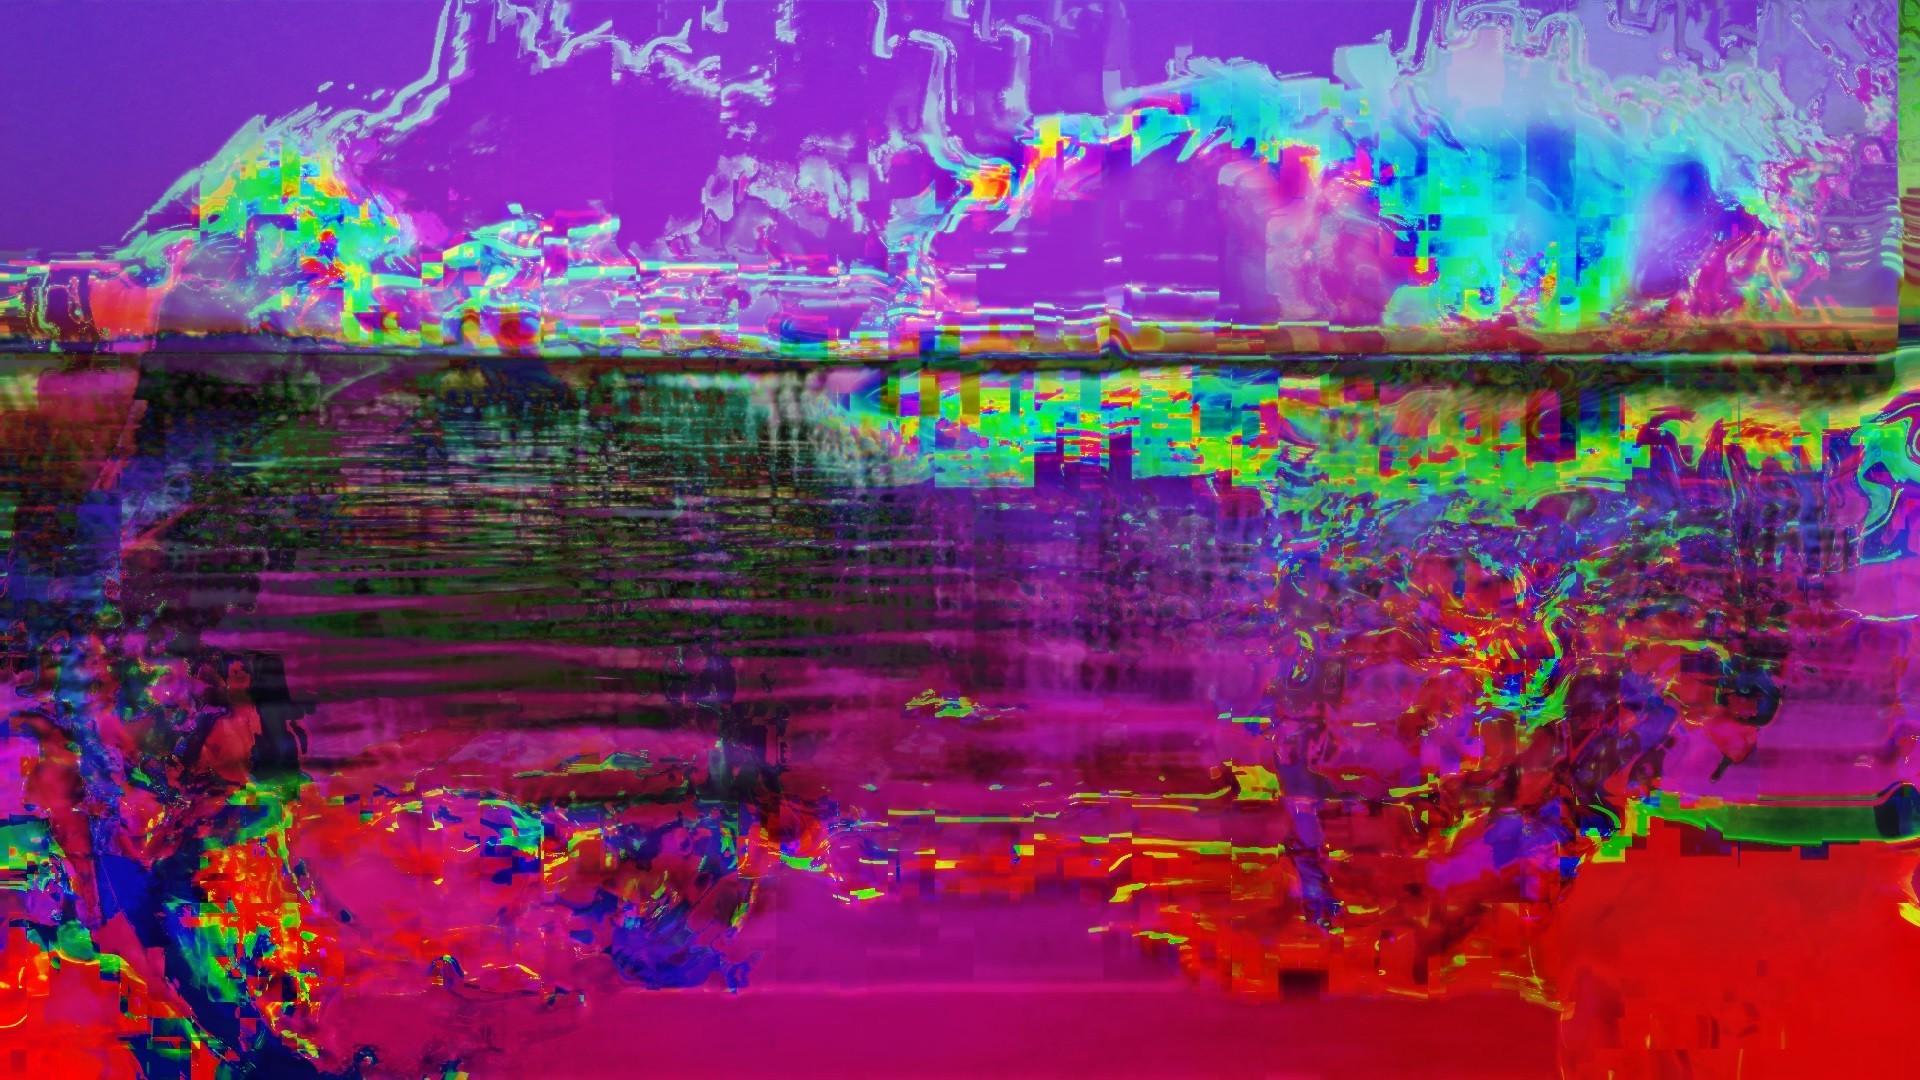 Wallpaper 1920x1080 Px Abstract Glitch Art Lsd